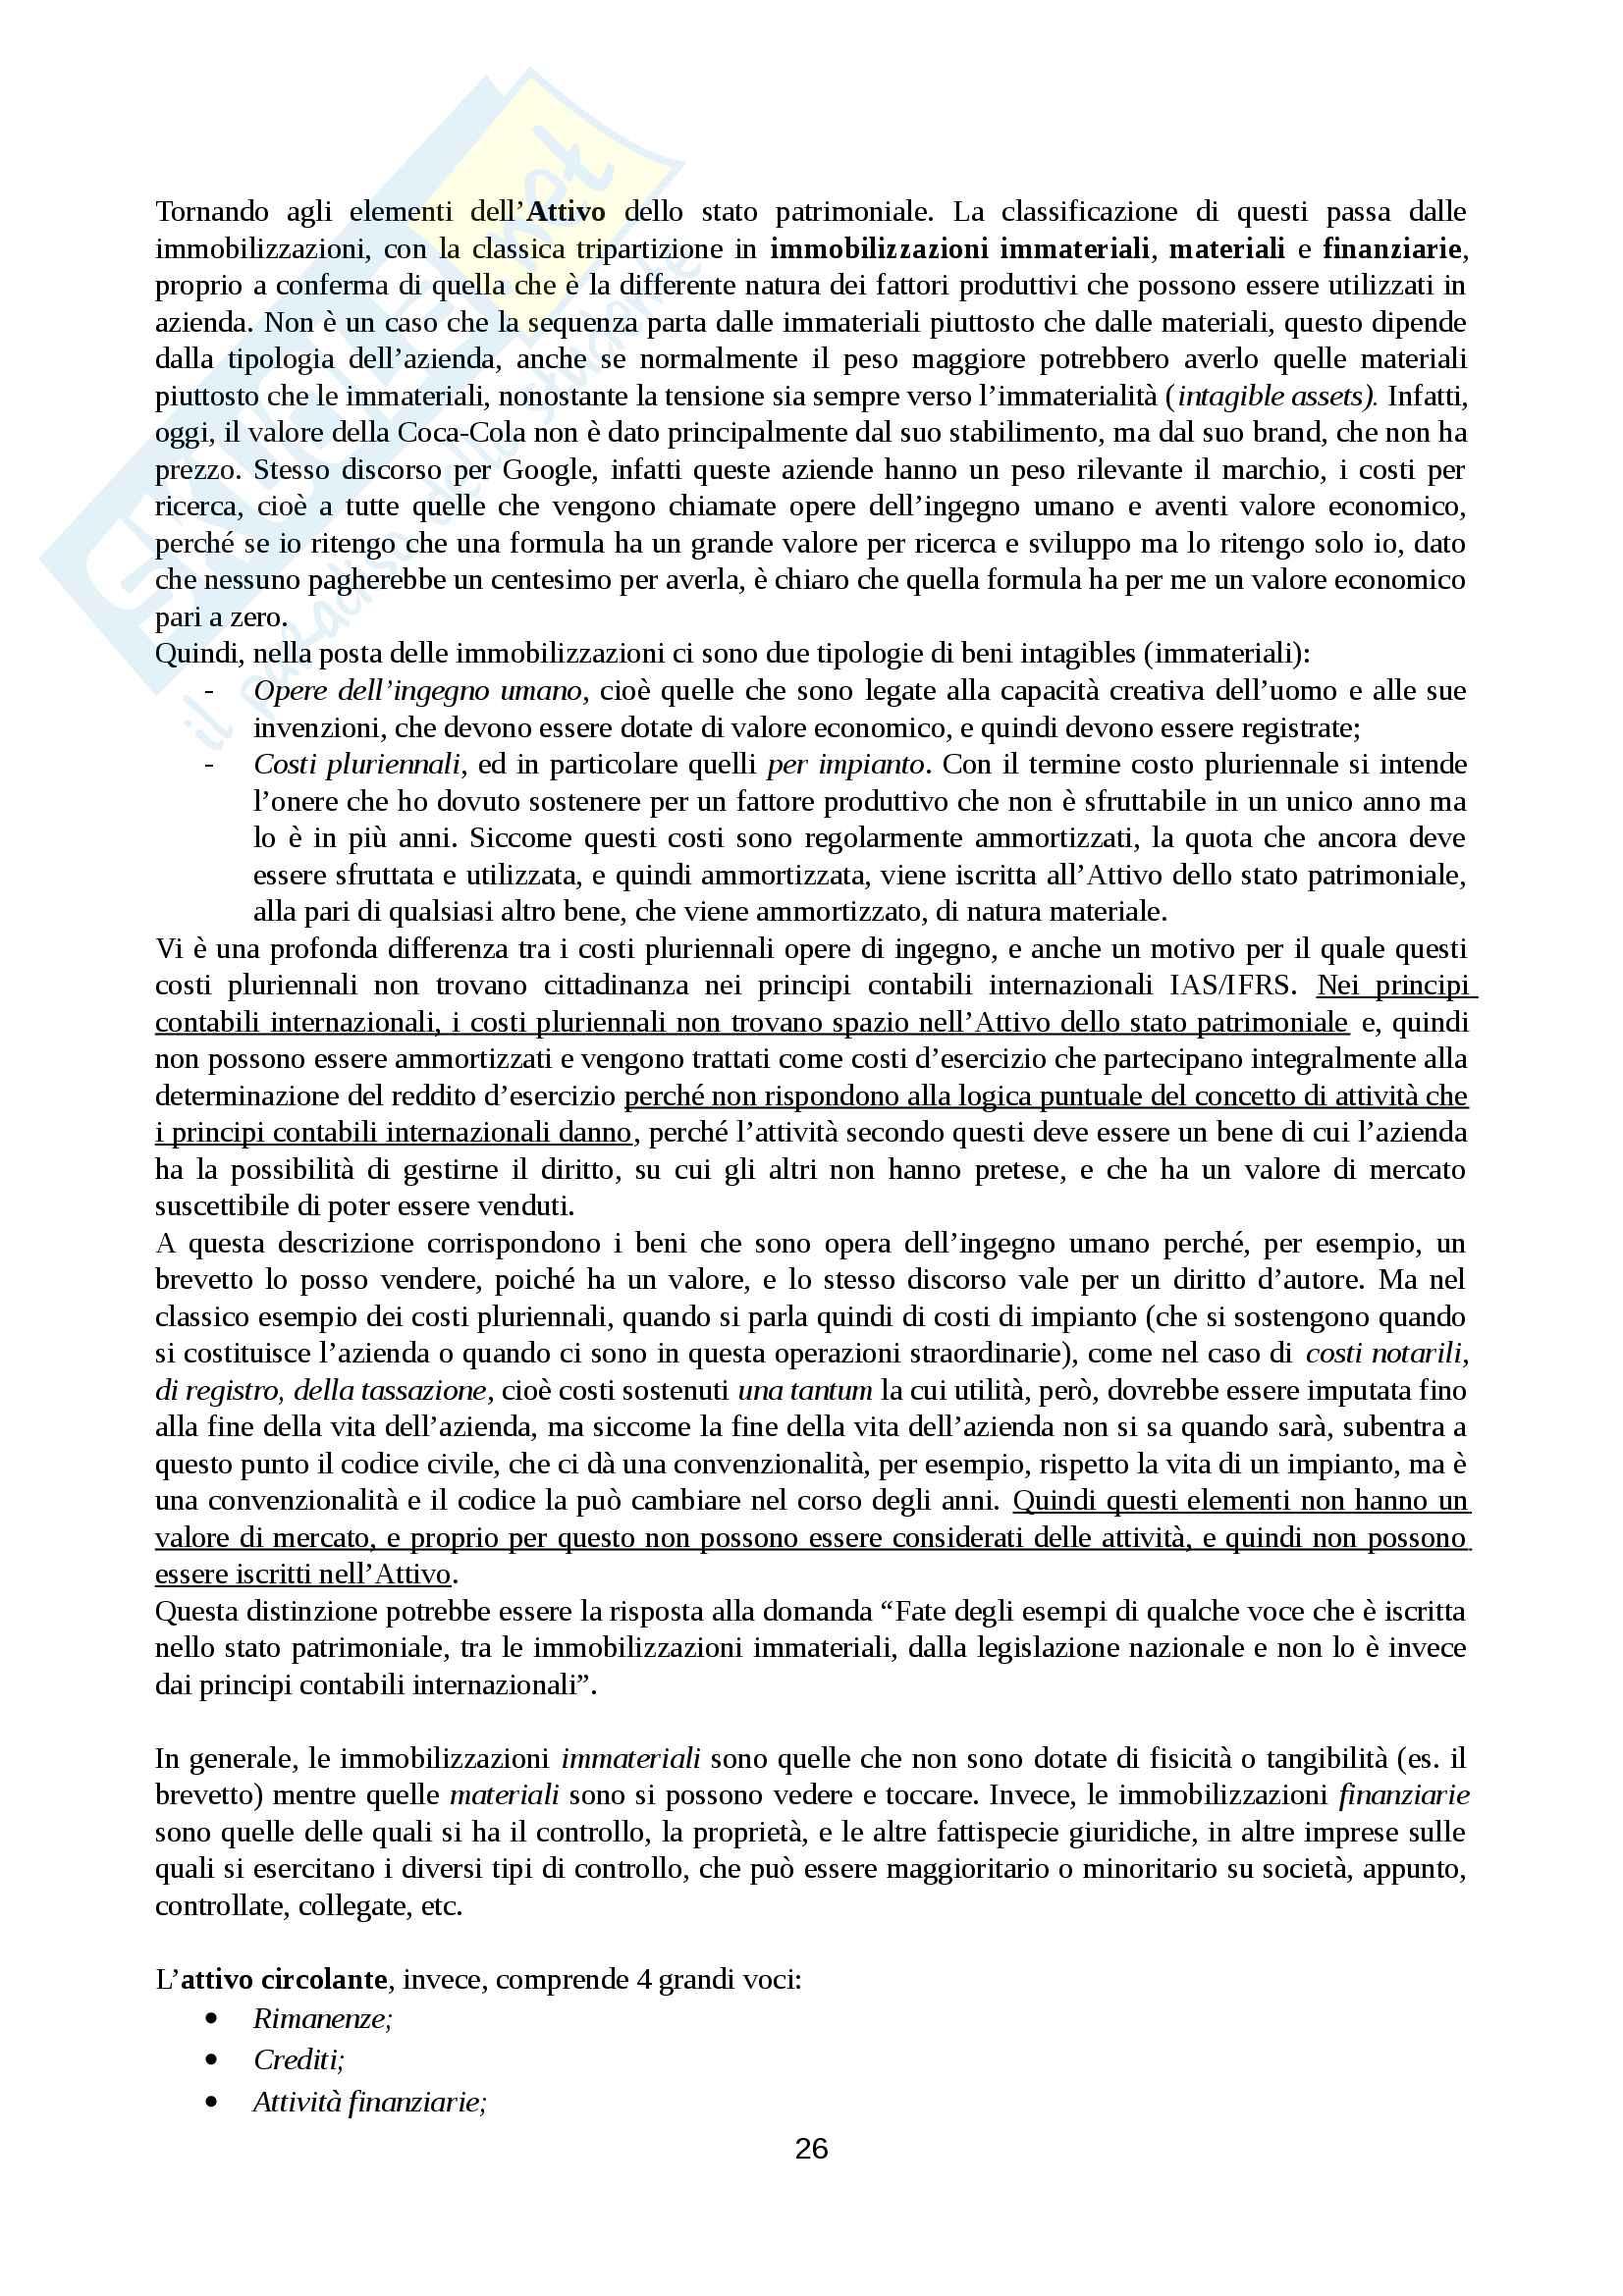 Il Bilancio Pag. 26